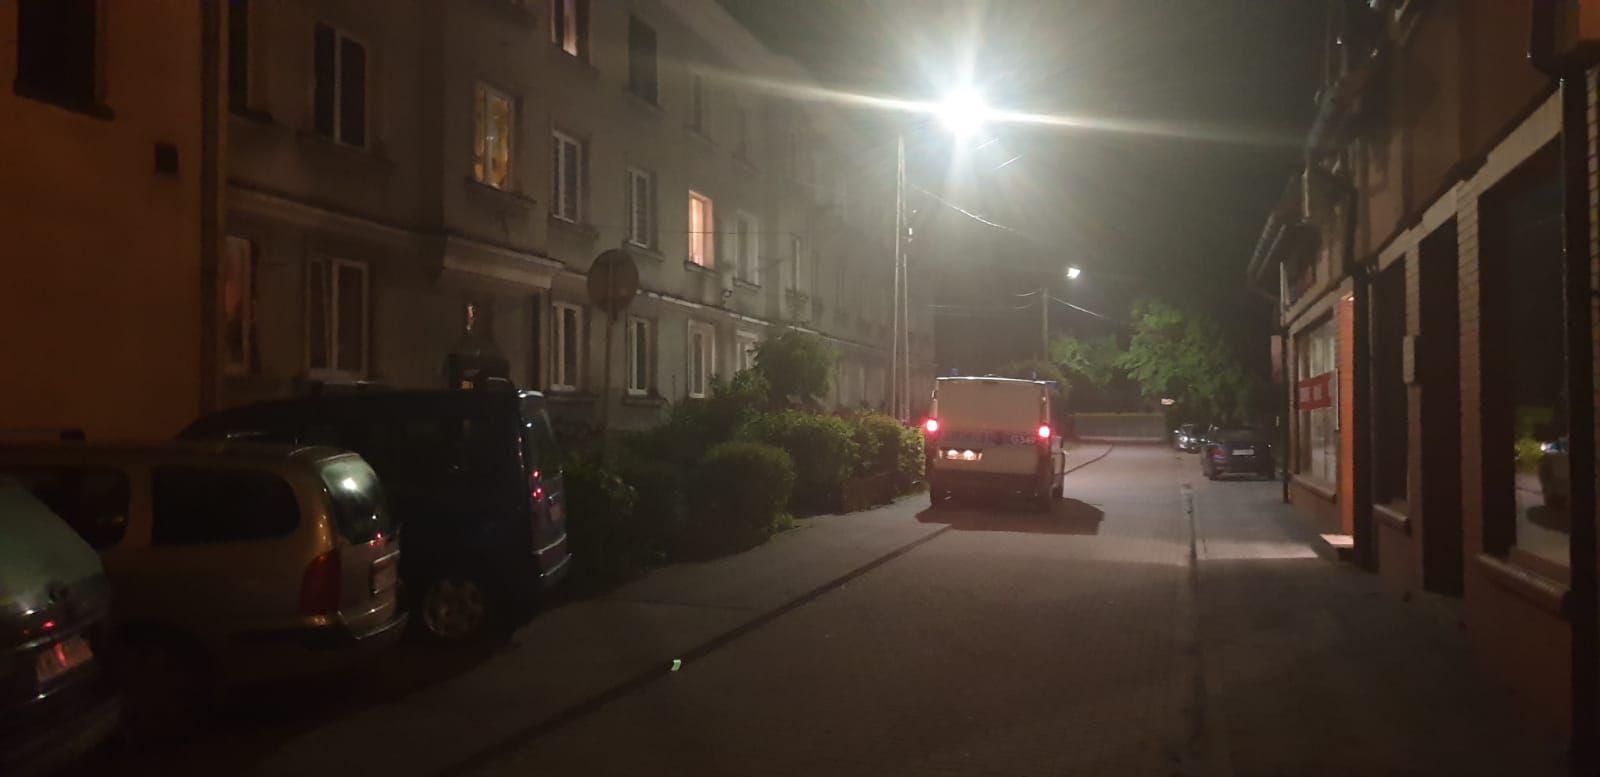 Atak nożownika w centrum Andrychowa, poszkodowany trafił do szpitala